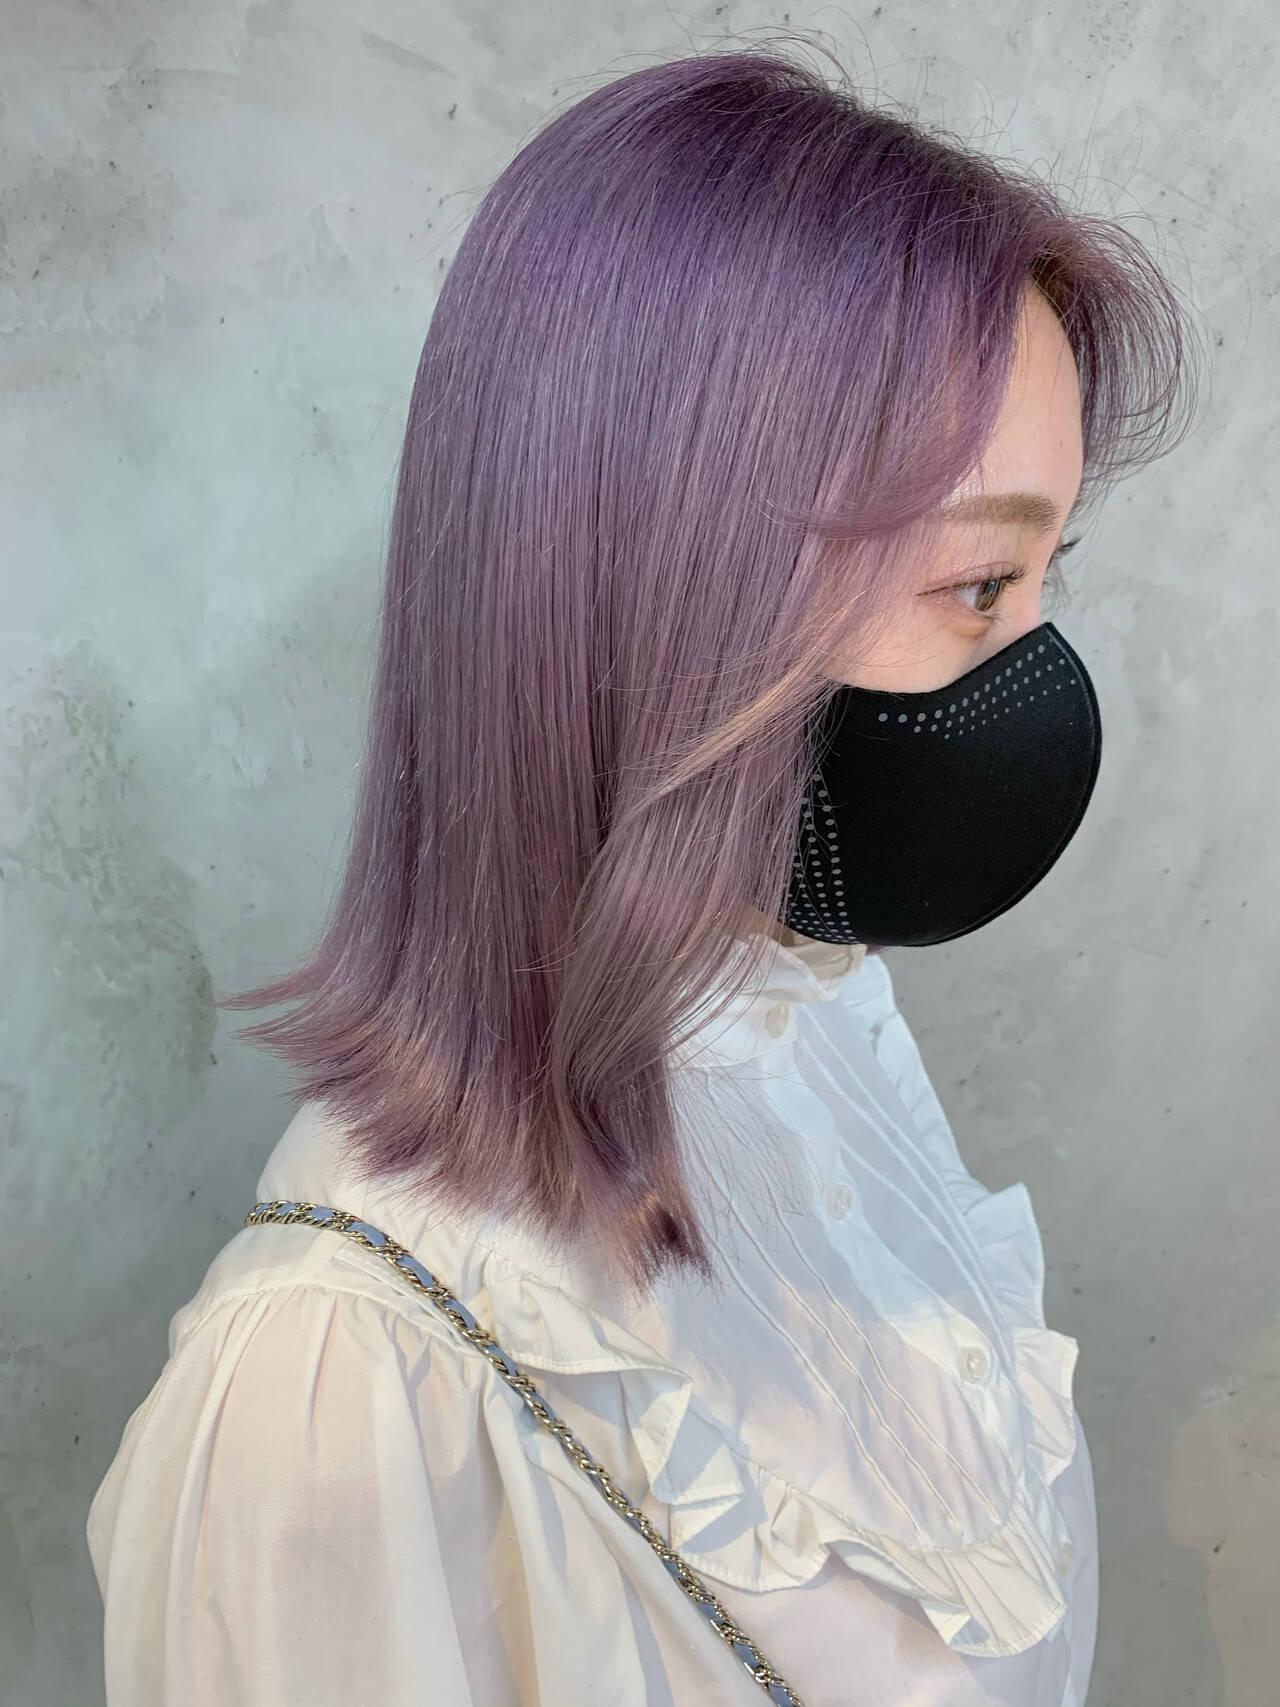 ラベンダー ラベンダーピンク ガーリー ミディアムヘアスタイルや髪型の写真・画像